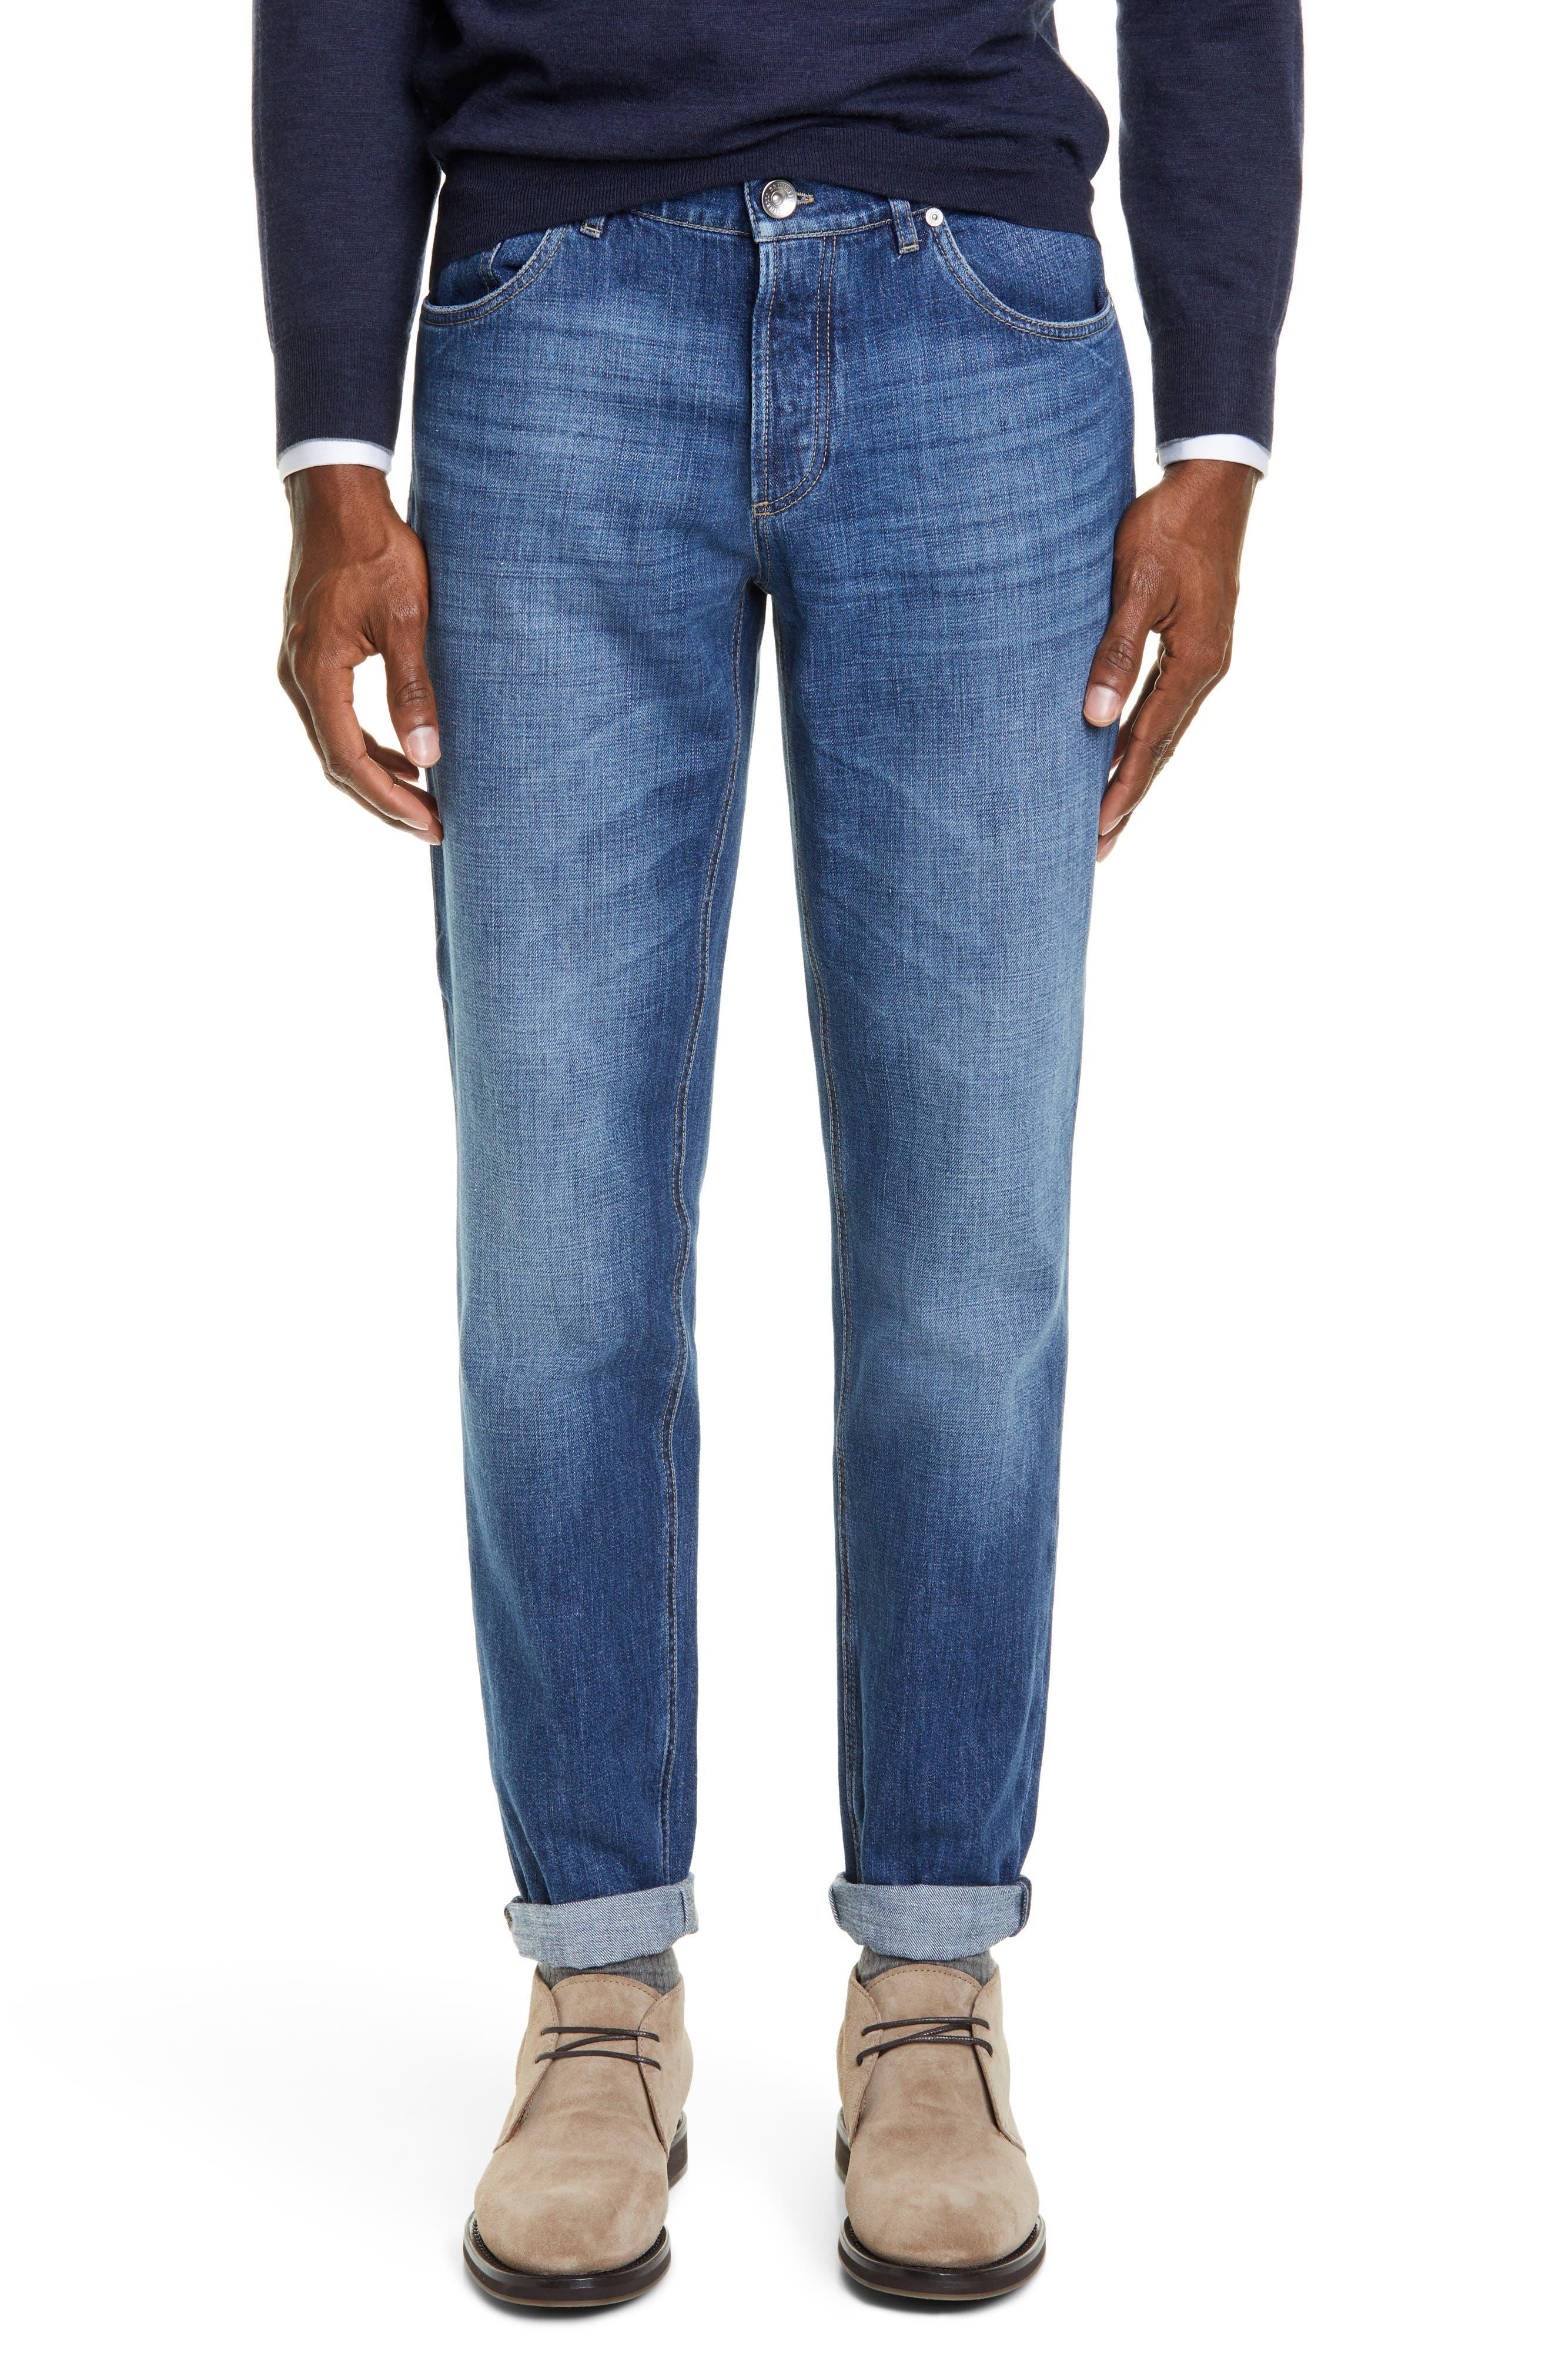 Men's Brunello Cucinelli Traditional Fit Jeans,  50 EU - Blue